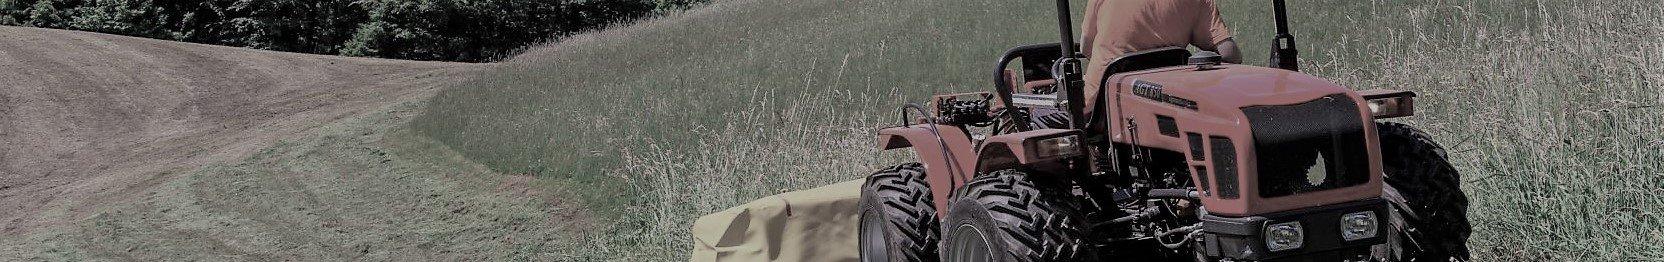 AGT klipping i bratt terreng